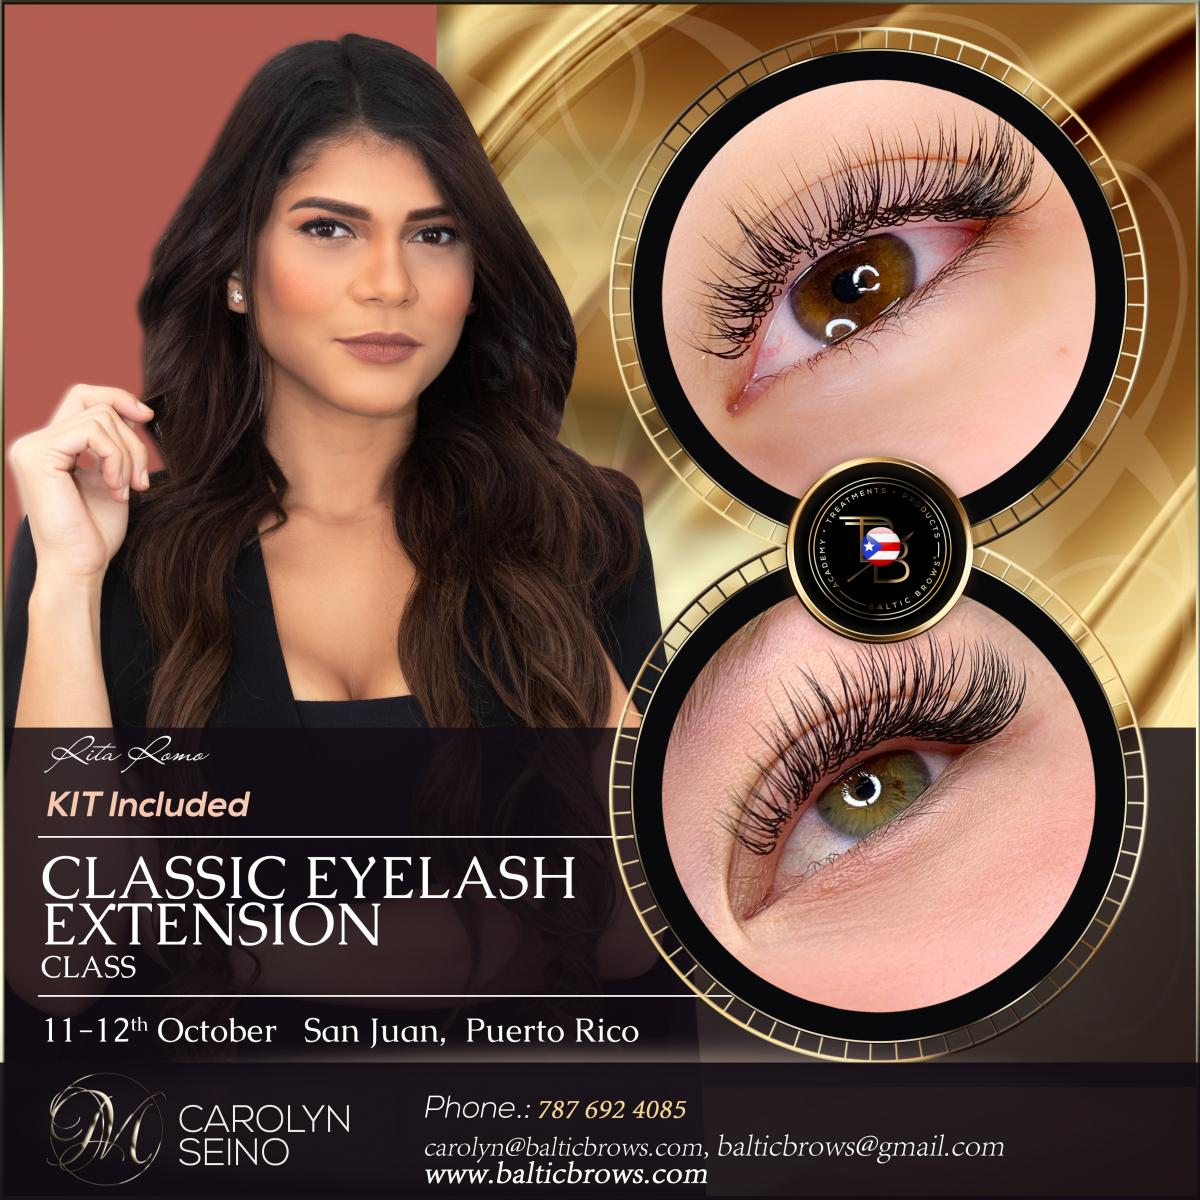 Classic eyelash extension basic